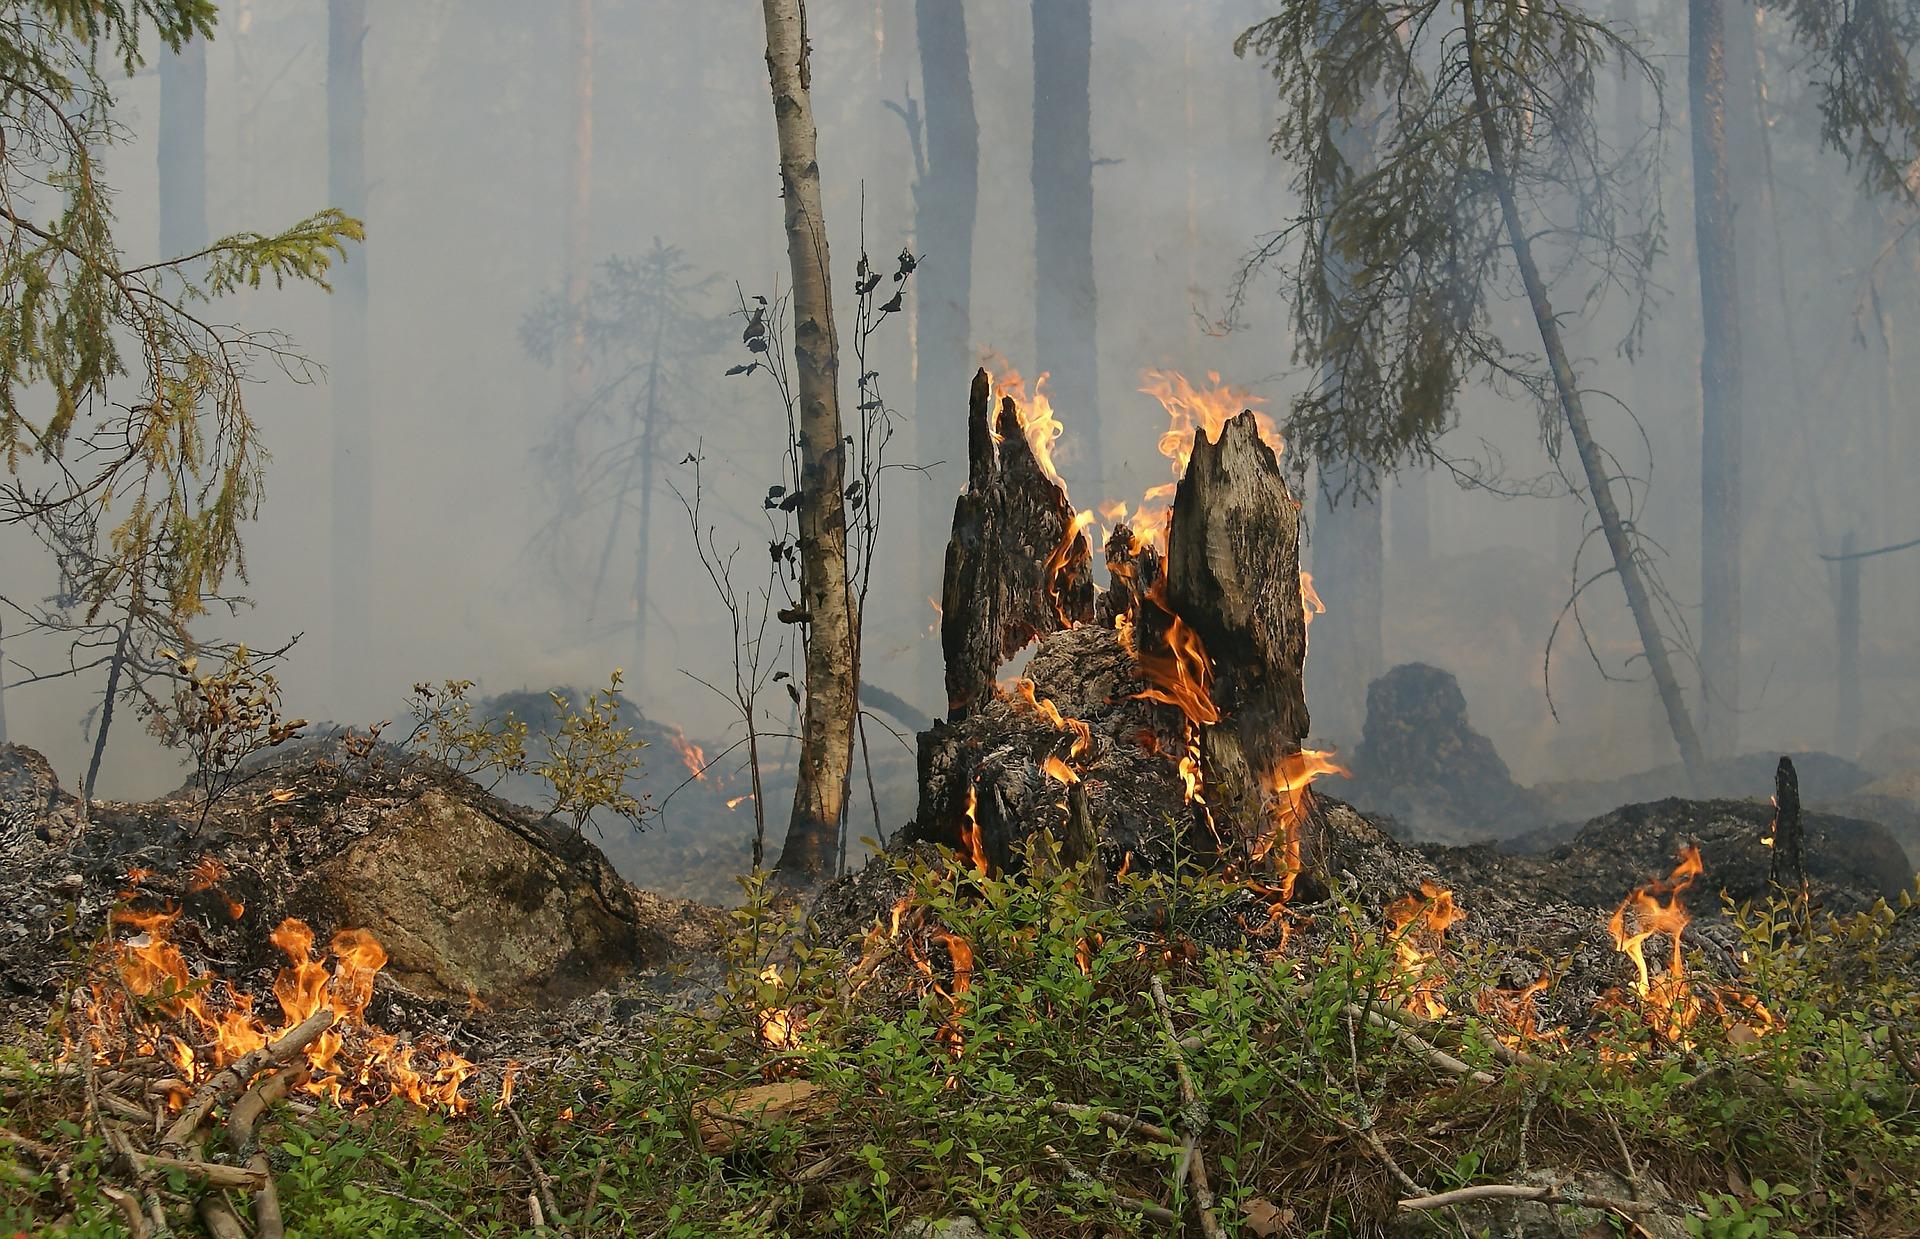 UWAGA! W Bieszczadach podwyższony stan zagrożenia pożarowego! - Zdjęcie główne